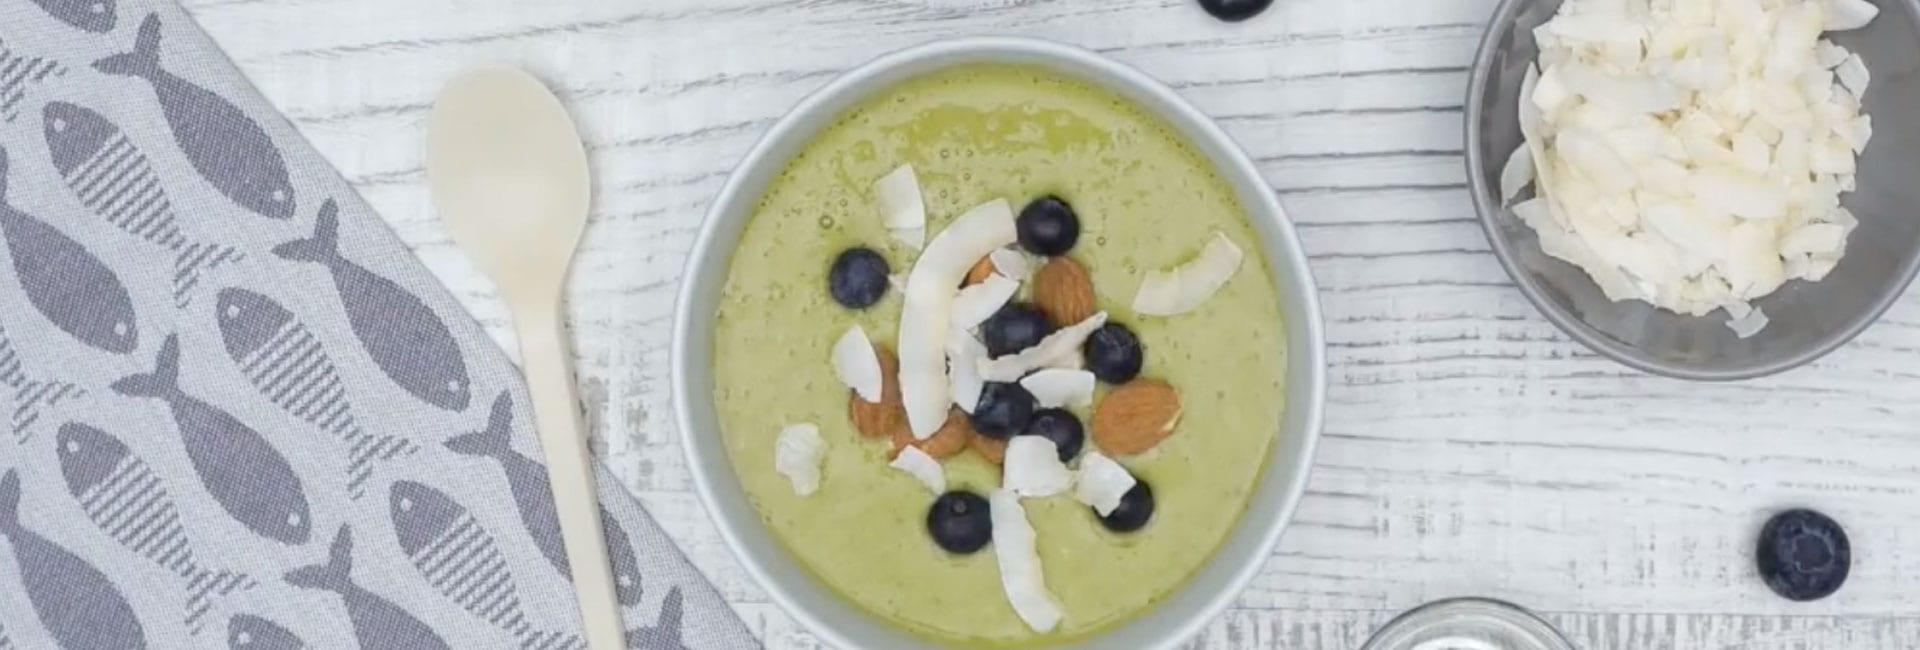 Prueba el smoothie bowl para desayunar